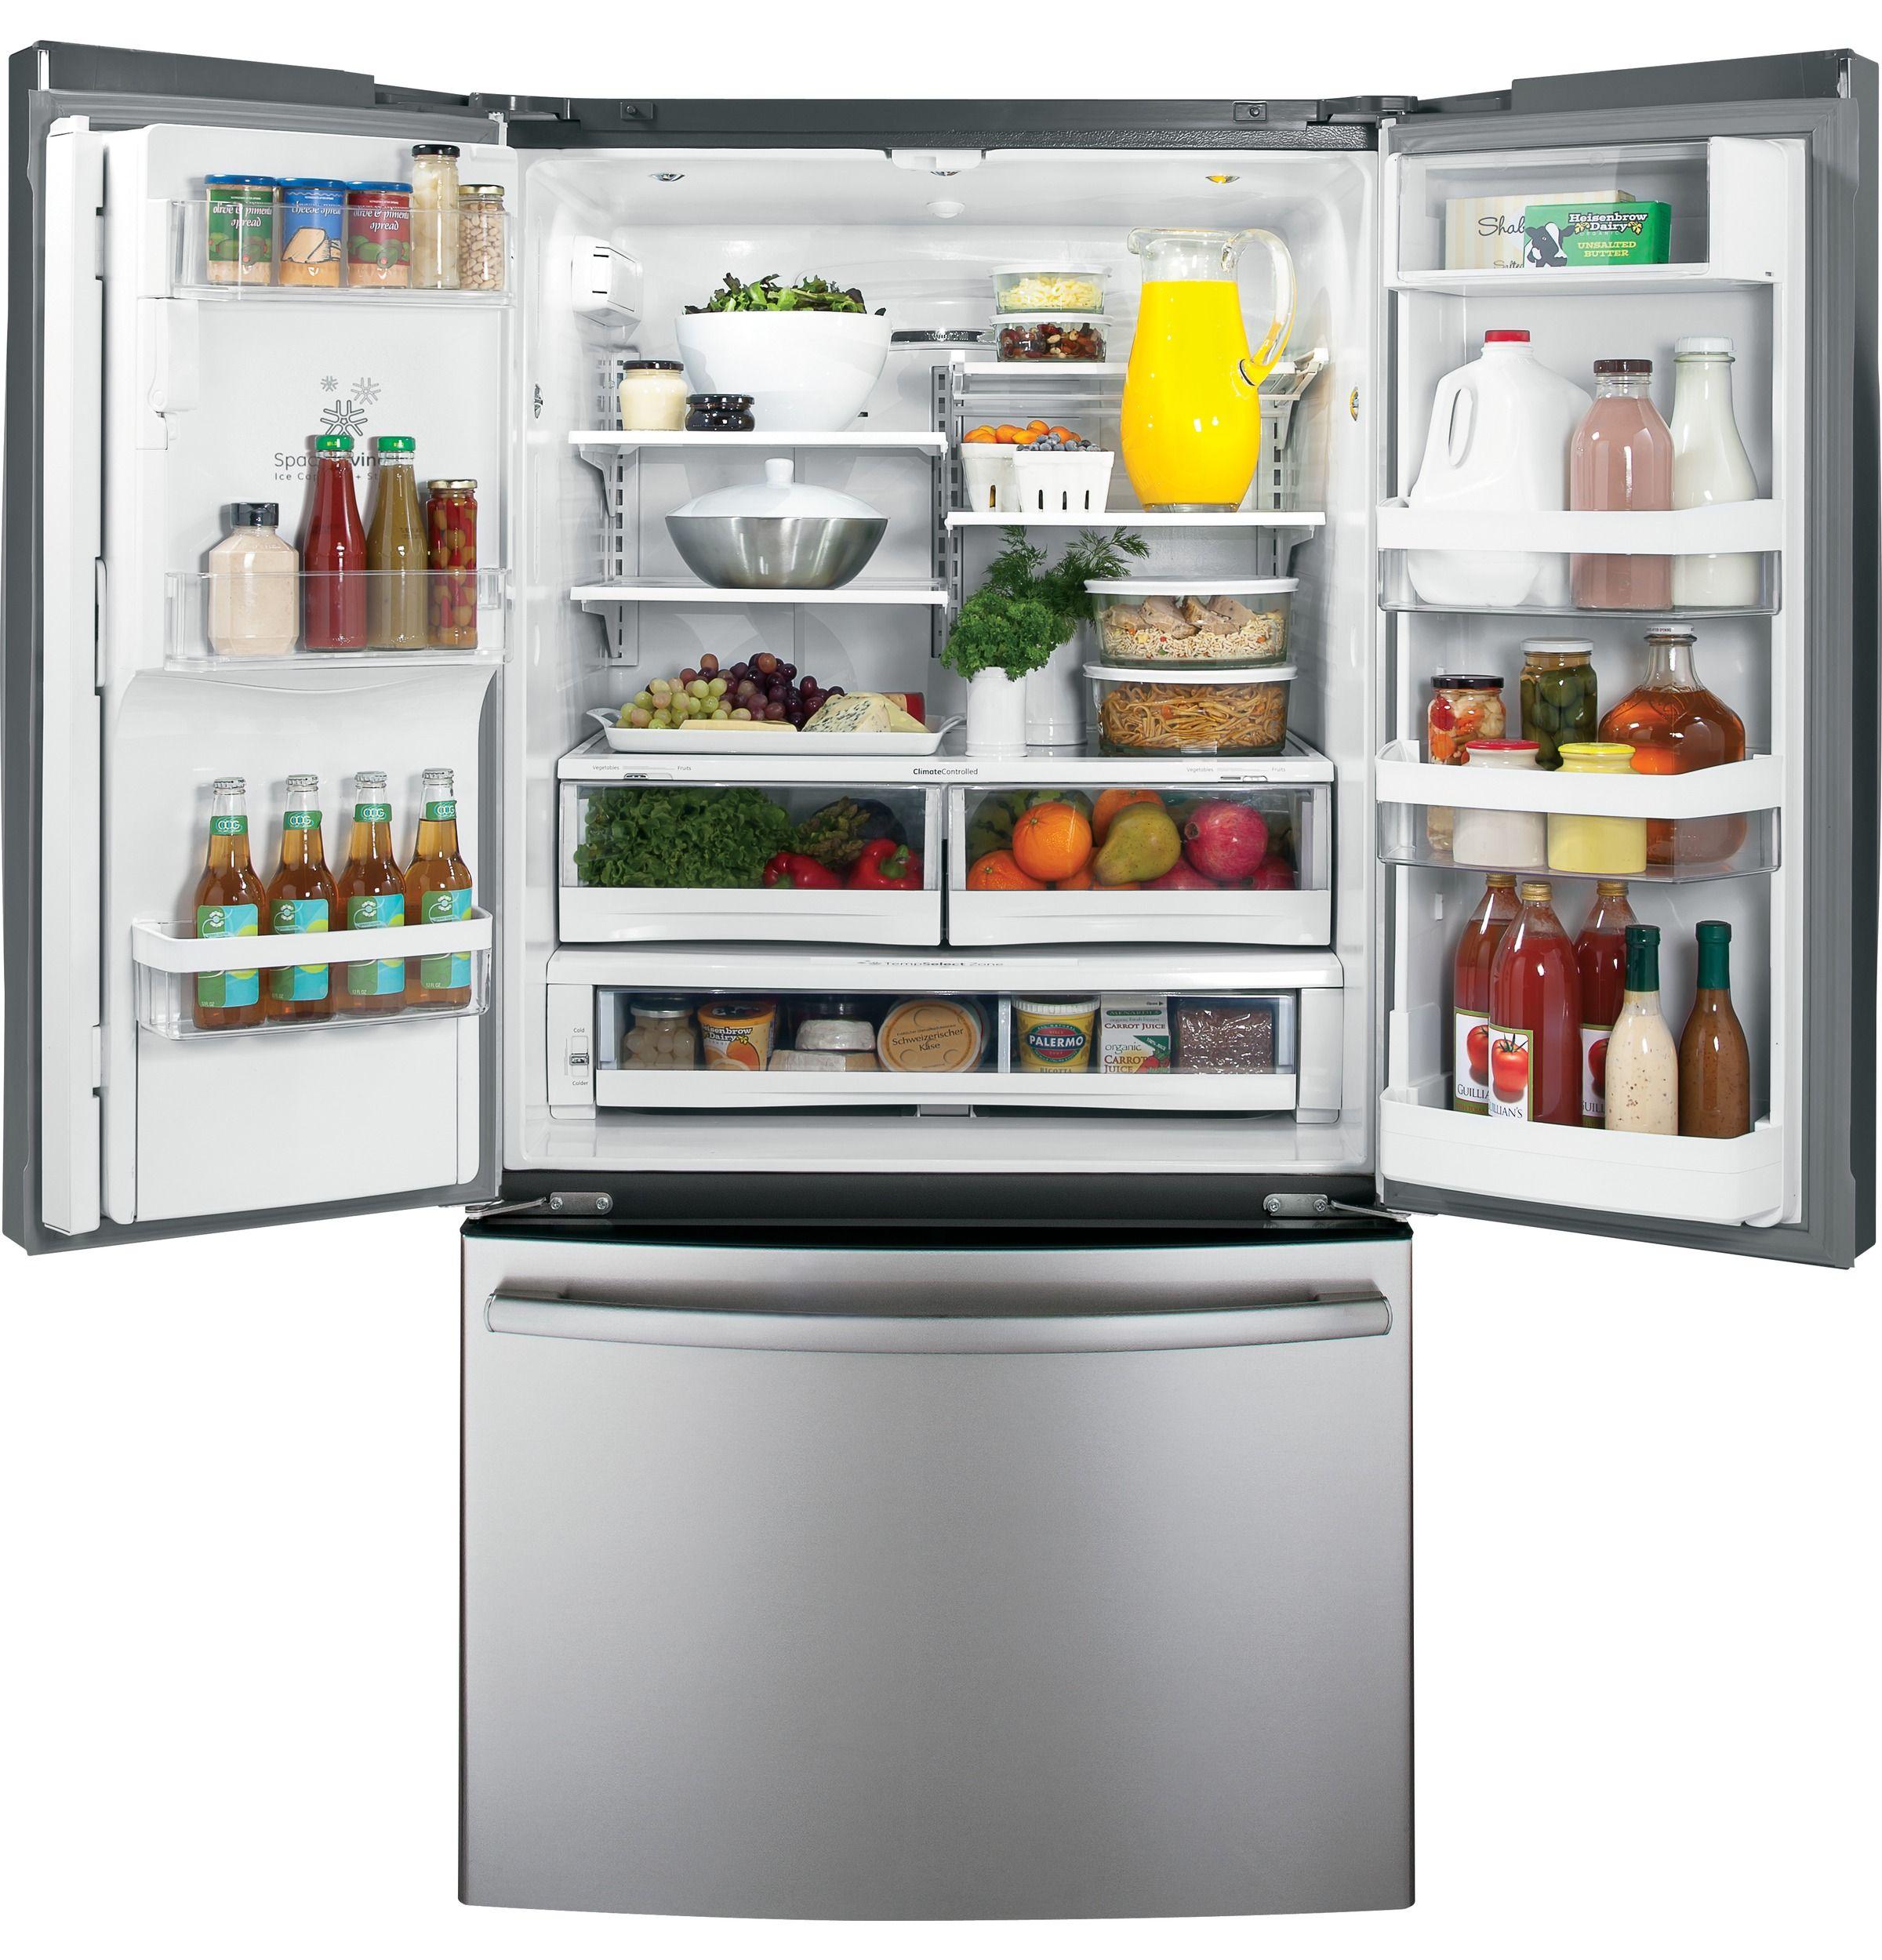 Refrigerator Inside Google 검색 Refrigerator Inside